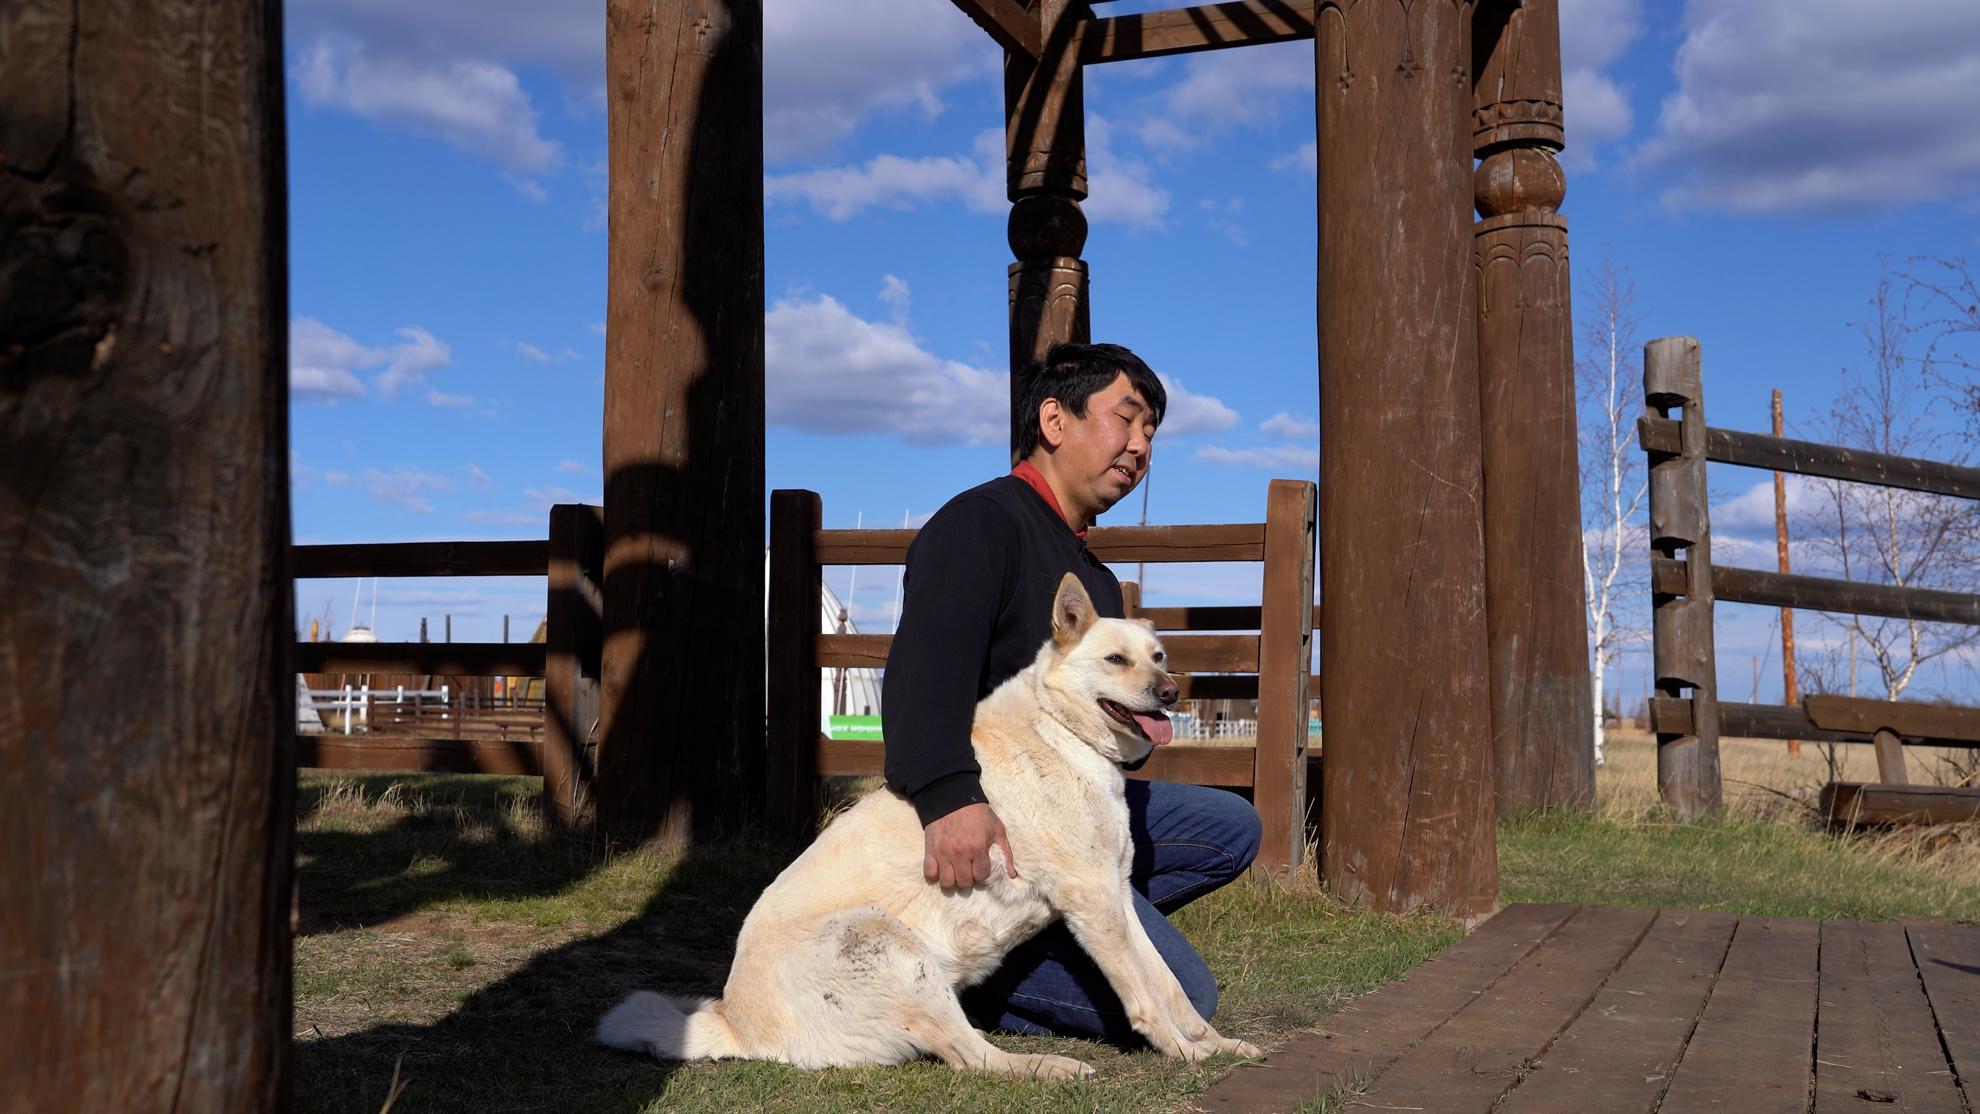 Дмитрий Иванов с собакой-клоном. Фото © LIFE